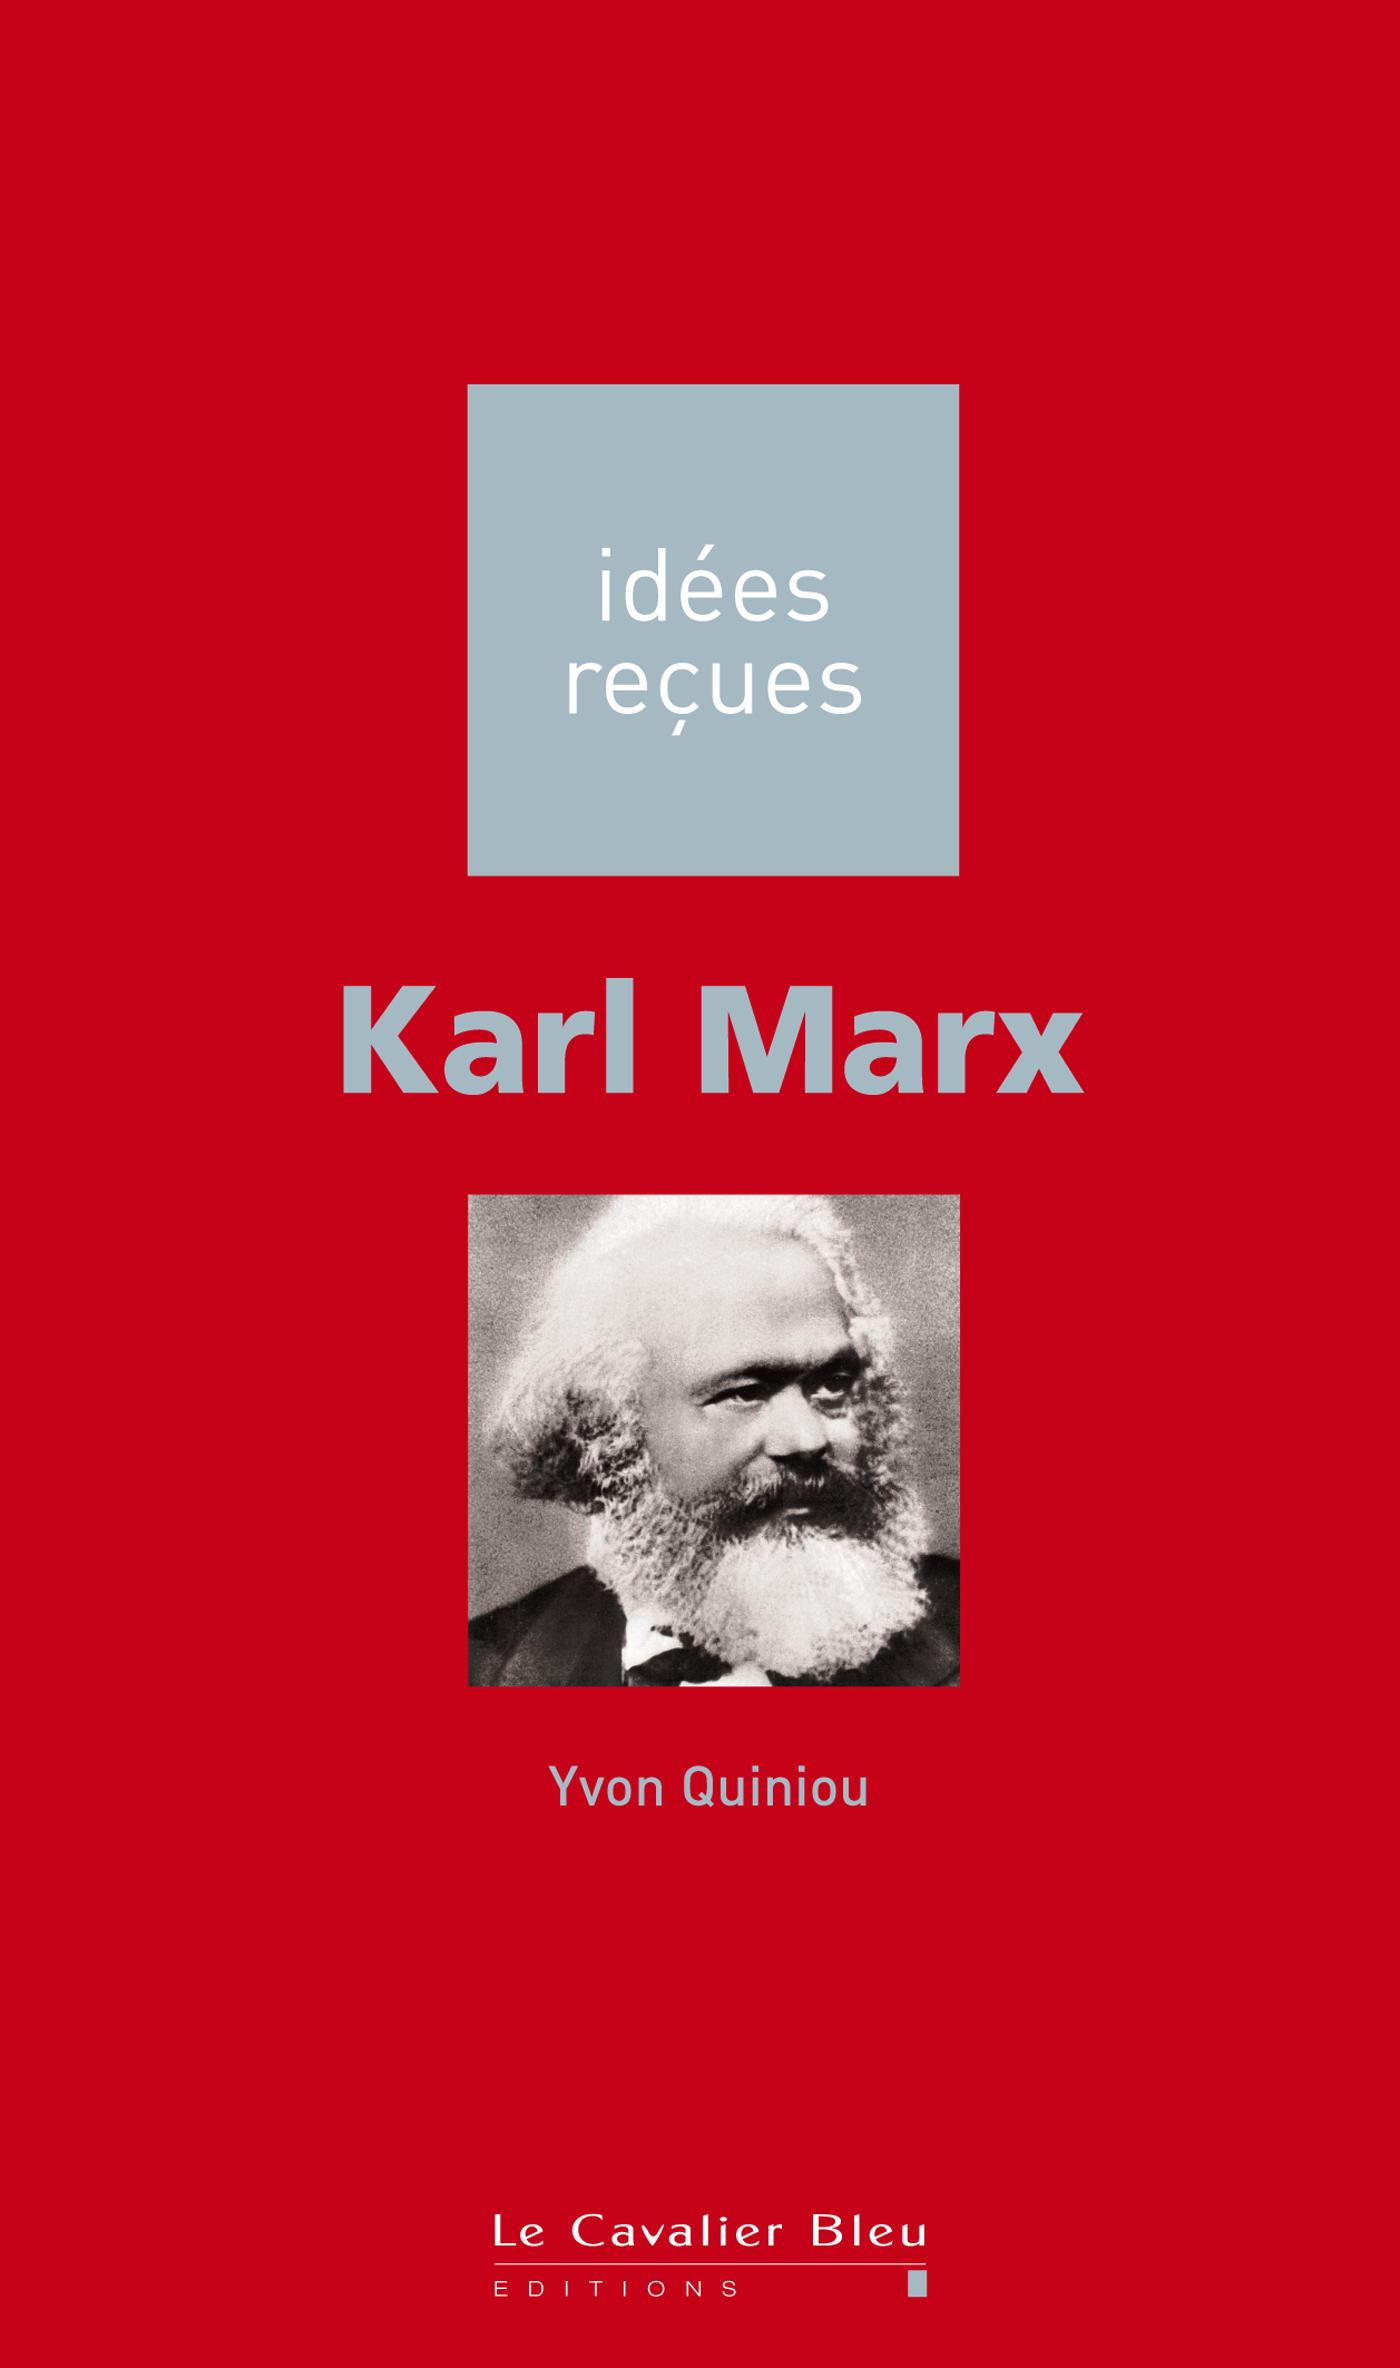 KARL MARX - IDEES RECUES SUR KARL MARX